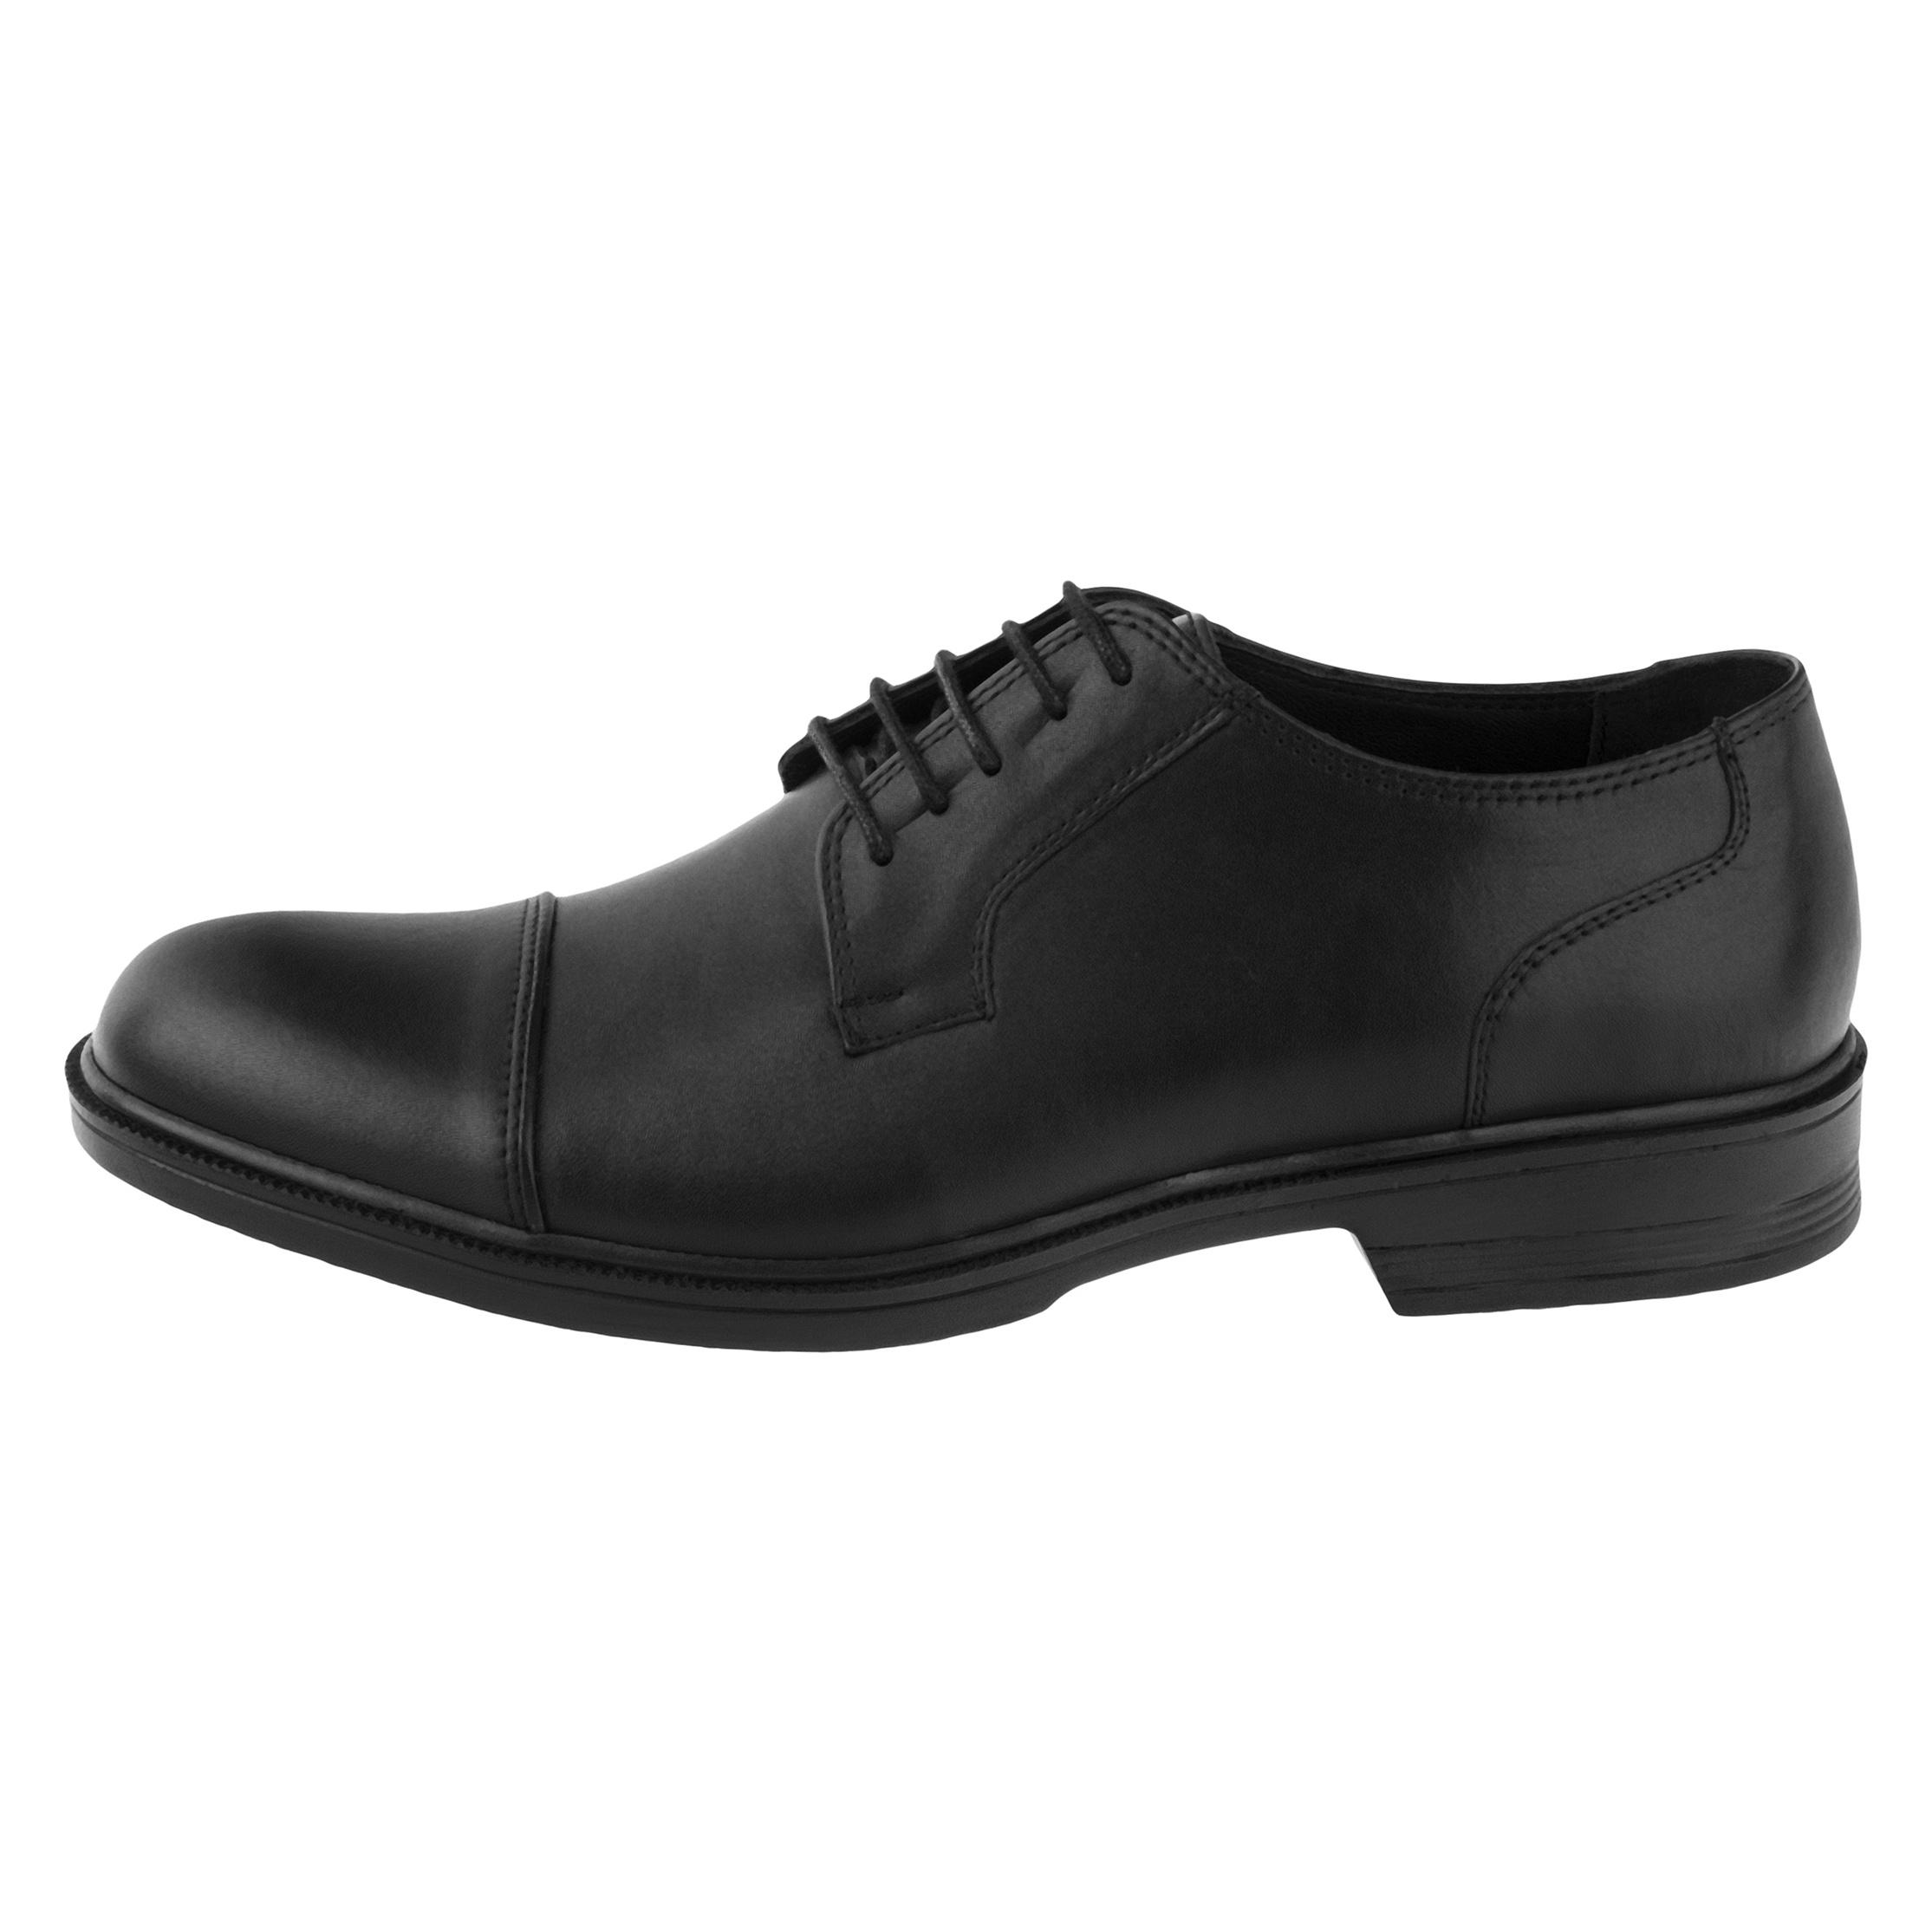 کفش مردانه گاندو مدل 99-705